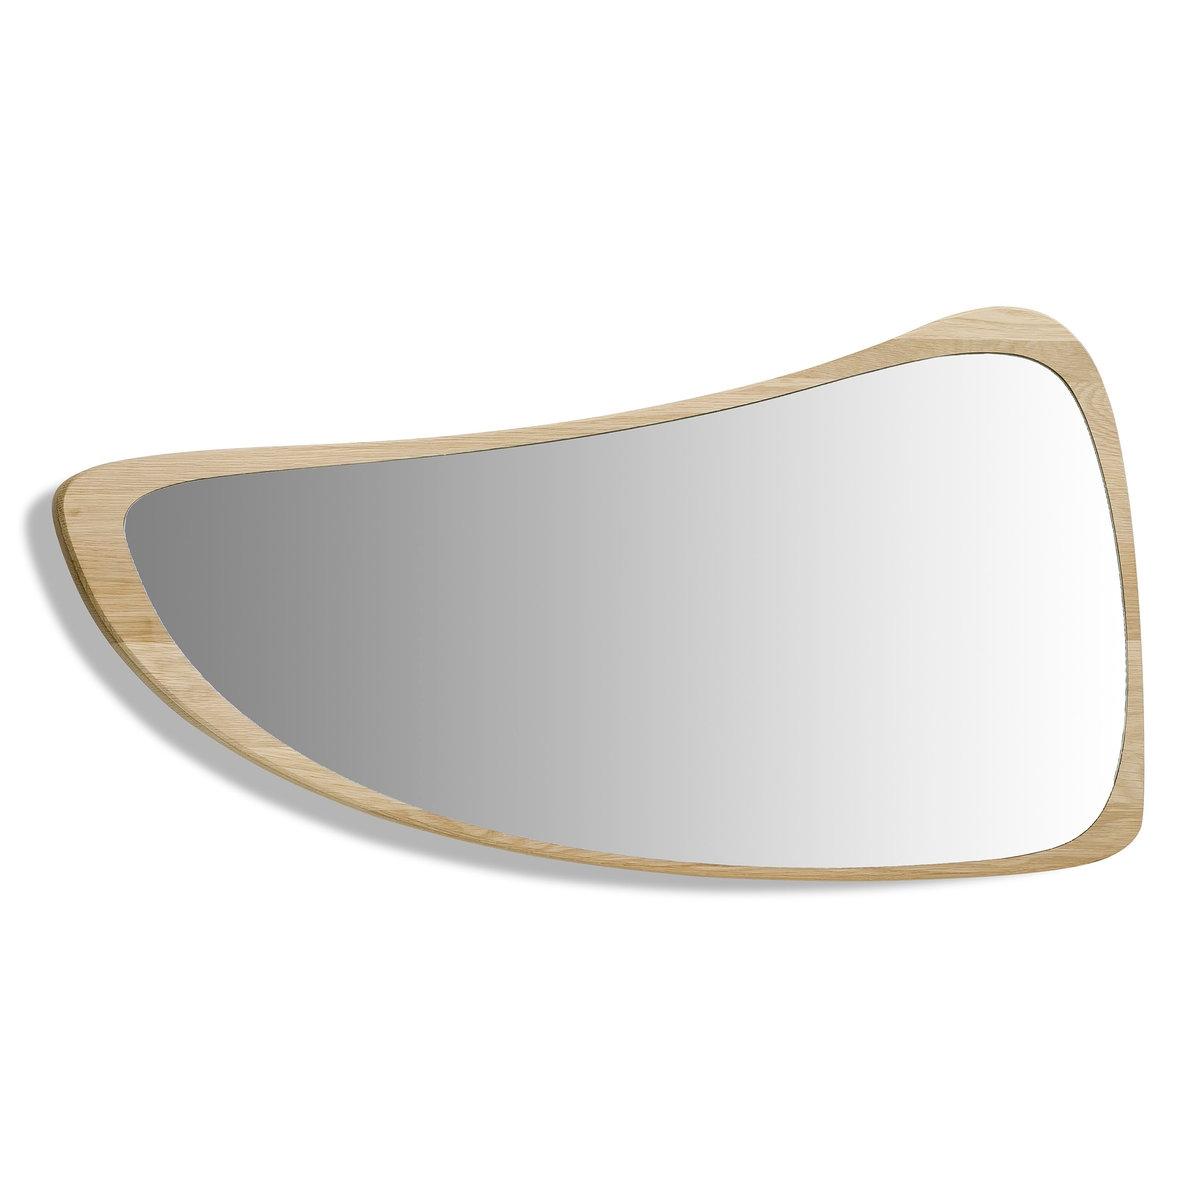 Зеркало Д78 x  В42 см, PrincipeЗеркало Principe. Великолепный дизайн, изогнутые линии. Из натурального дуба с очень красивой отделкой . Размеры  : Шир..78 x выс.42 см.<br><br>Цвет: серо-бежевый